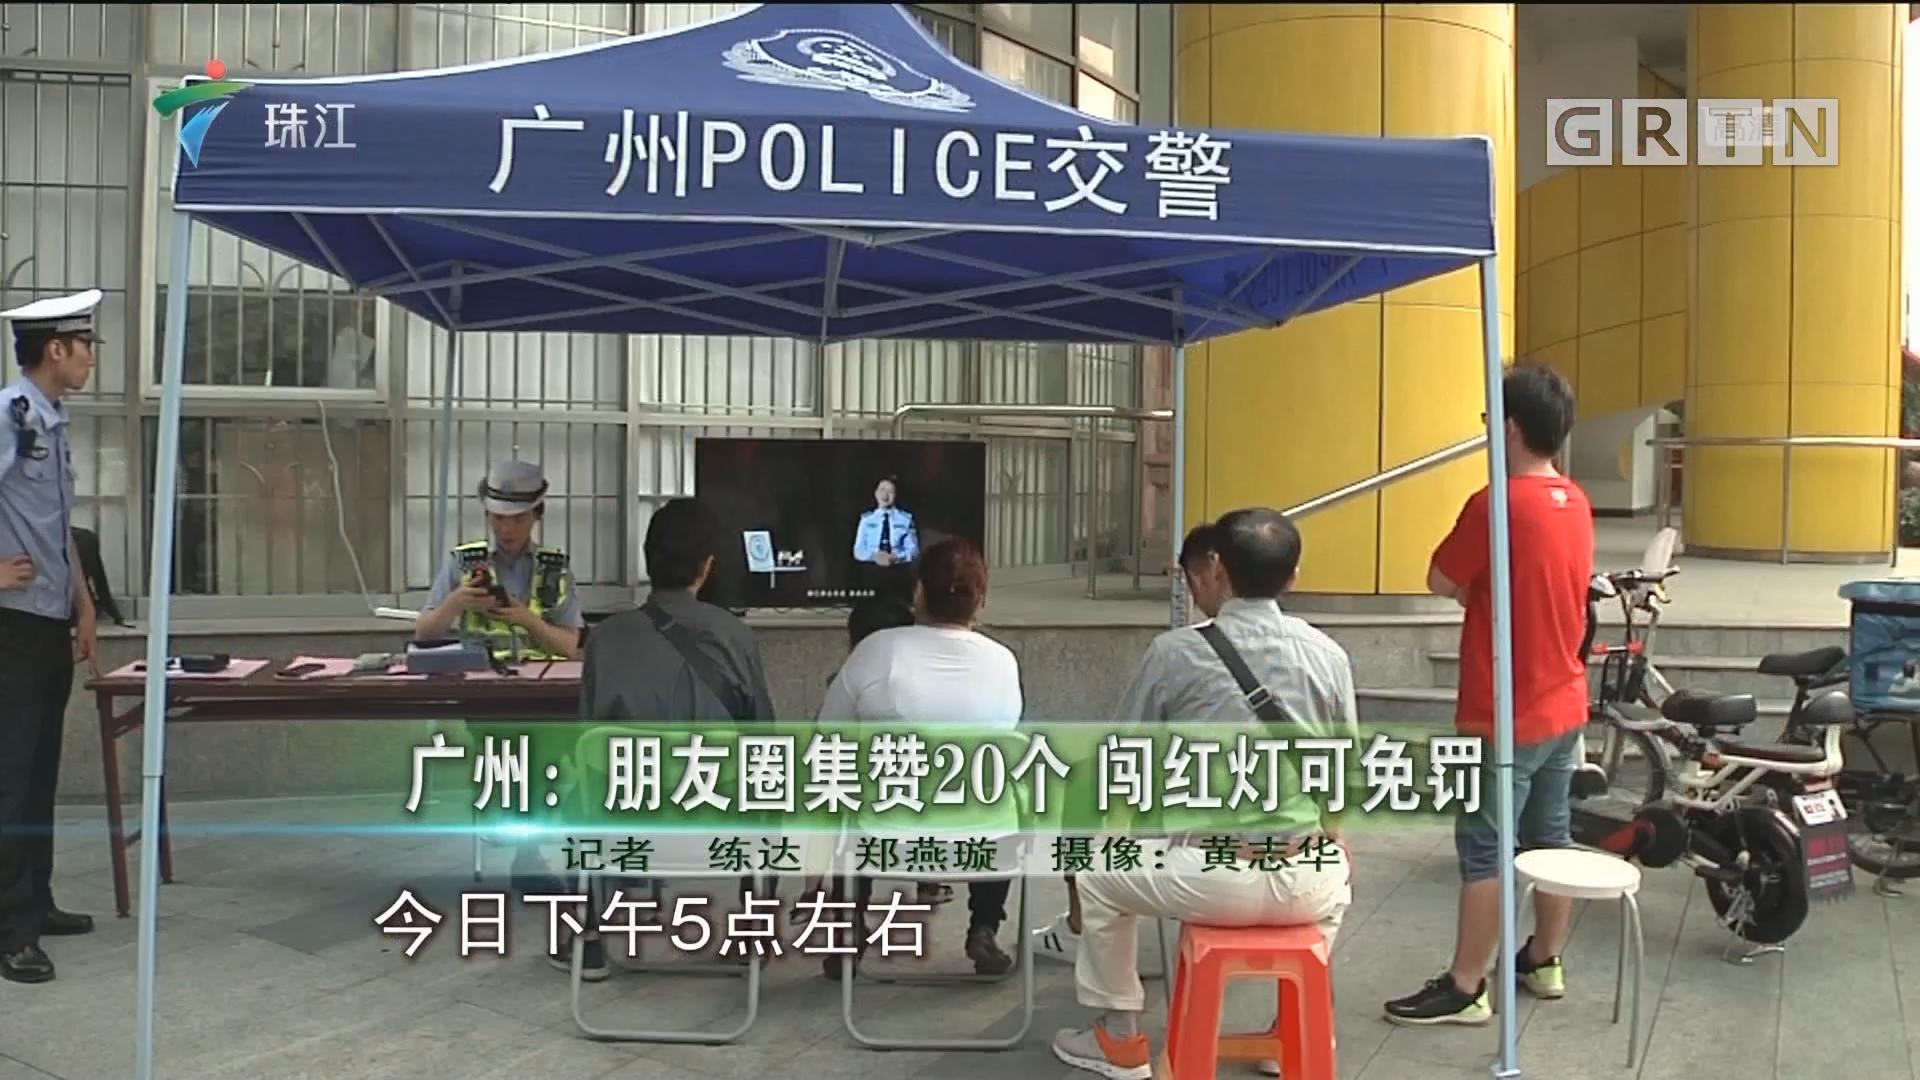 广州:朋友圈集赞20个 闯红灯可免罚